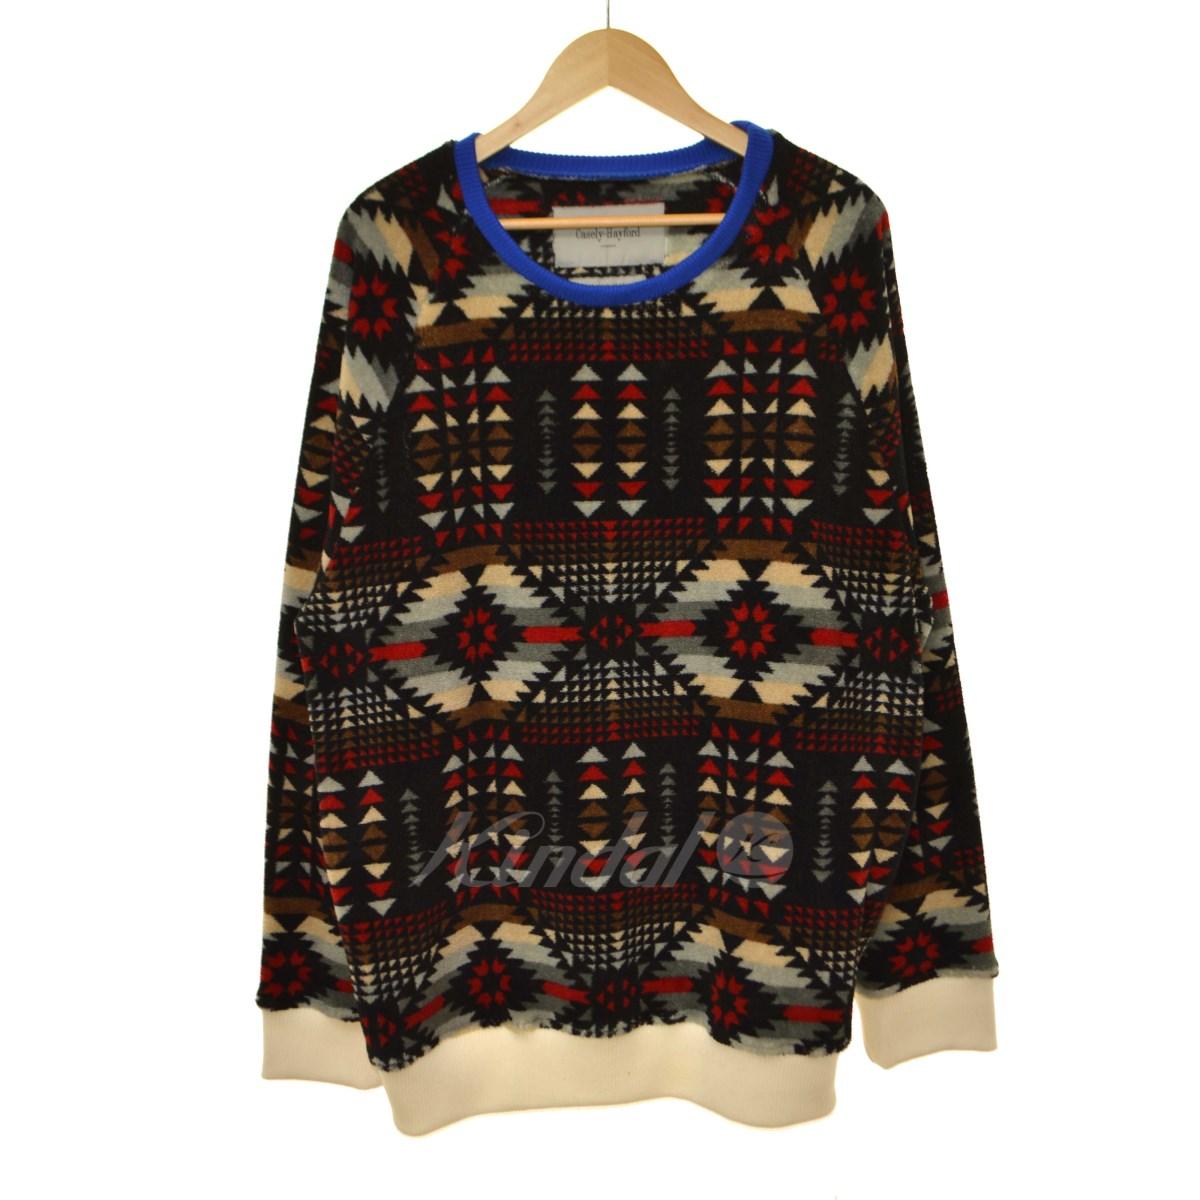 【11月15日 お値段見直しました】【中古】Casely-HayfordGalton Printed Fleece Sweatshirt フリースプルオーバーカットソー ブラック サイズ:L 【送料無料】